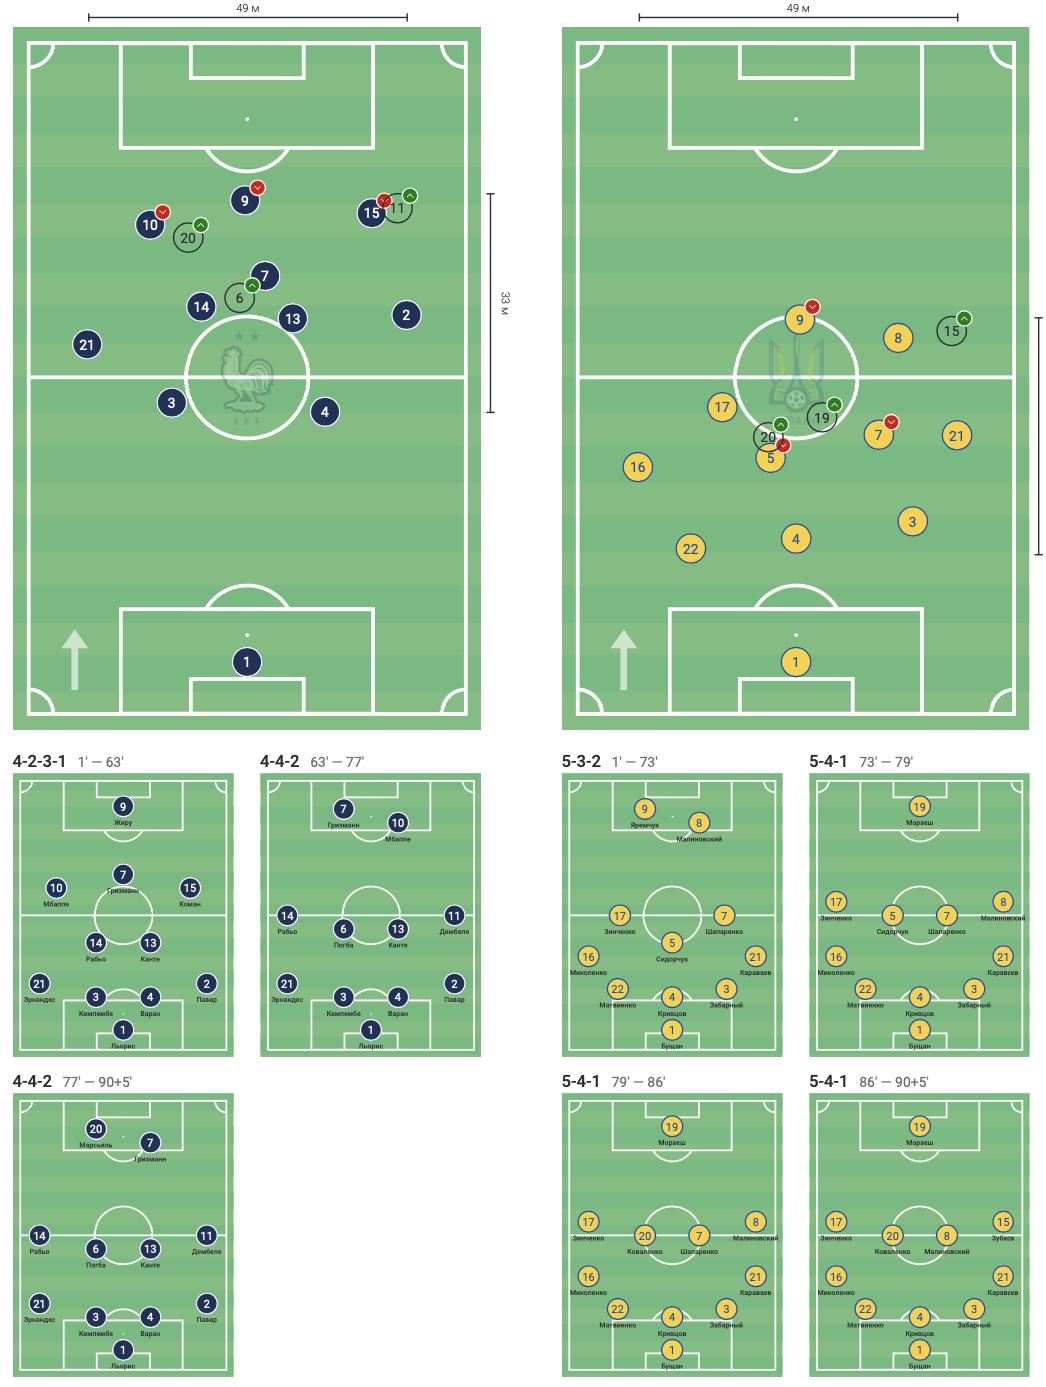 Франция - Украина в цифрах WyScout: сюрприз Шевченко, плотная оборона и голы в стиле FIFA 21 - изображение 2